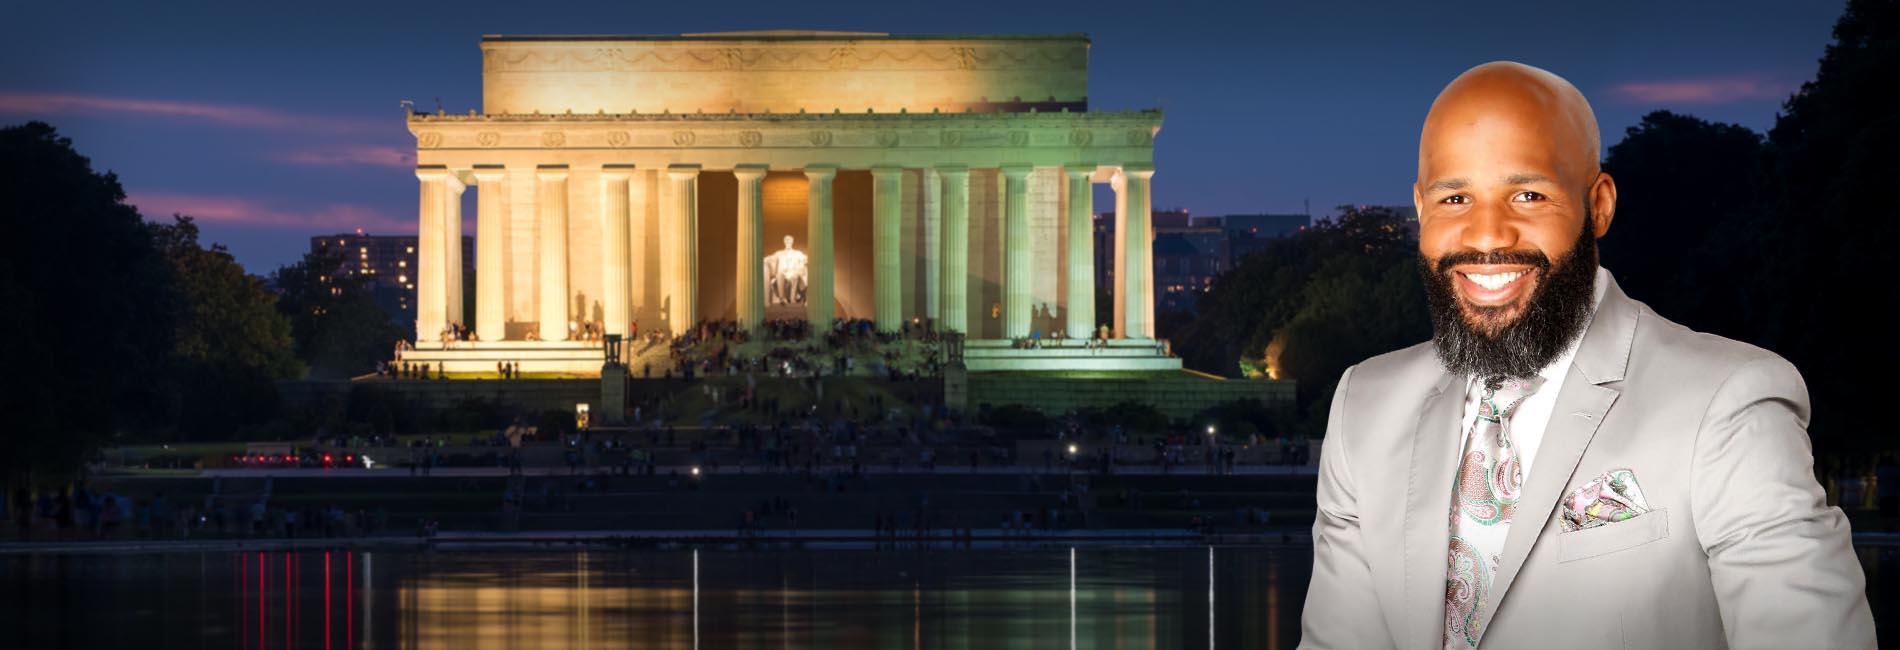 Dr. Joseph L. Williams Lincoln Memorial